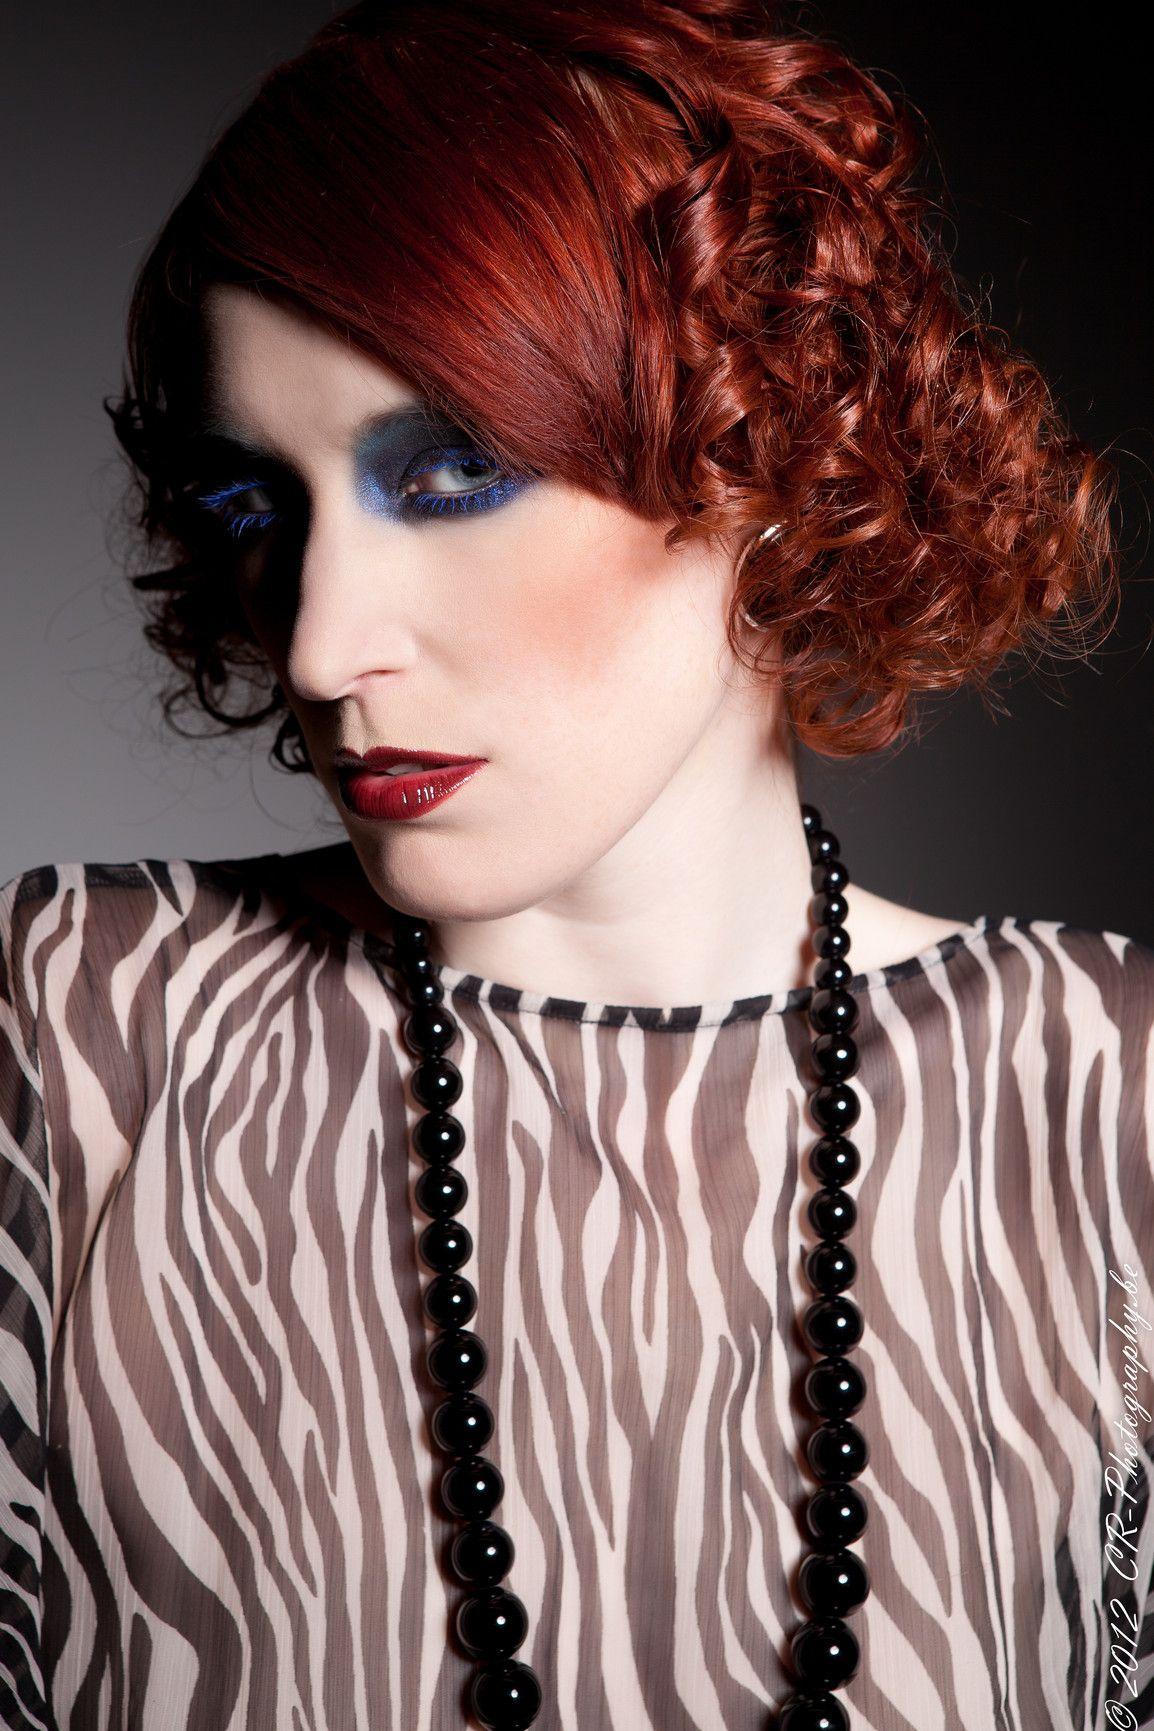 Photographer: Thomas Croonen Mua and hair: Sarina Mannaert